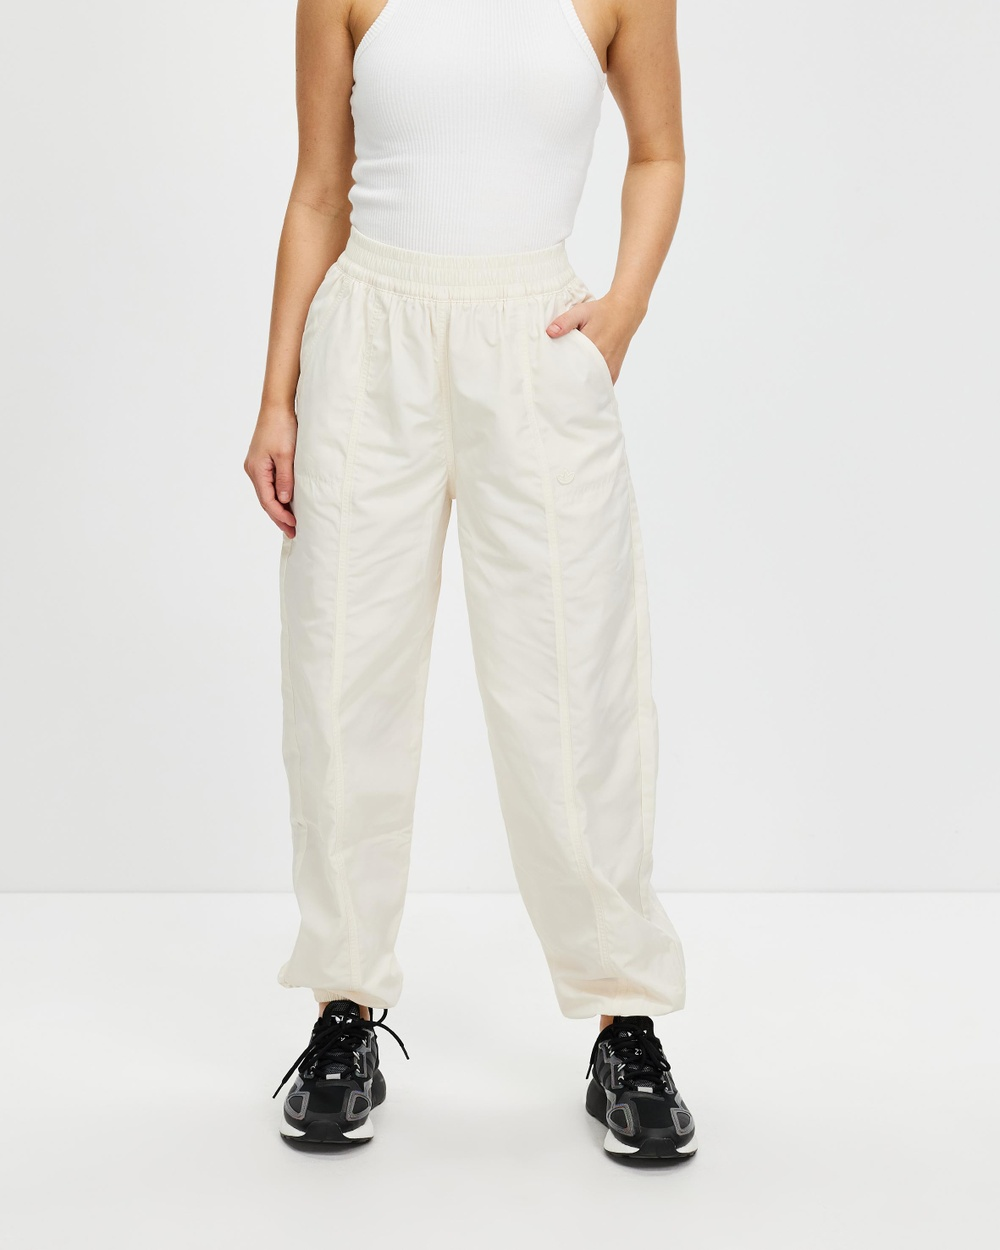 adidas Originals Adicolor Track Pants Wonder White